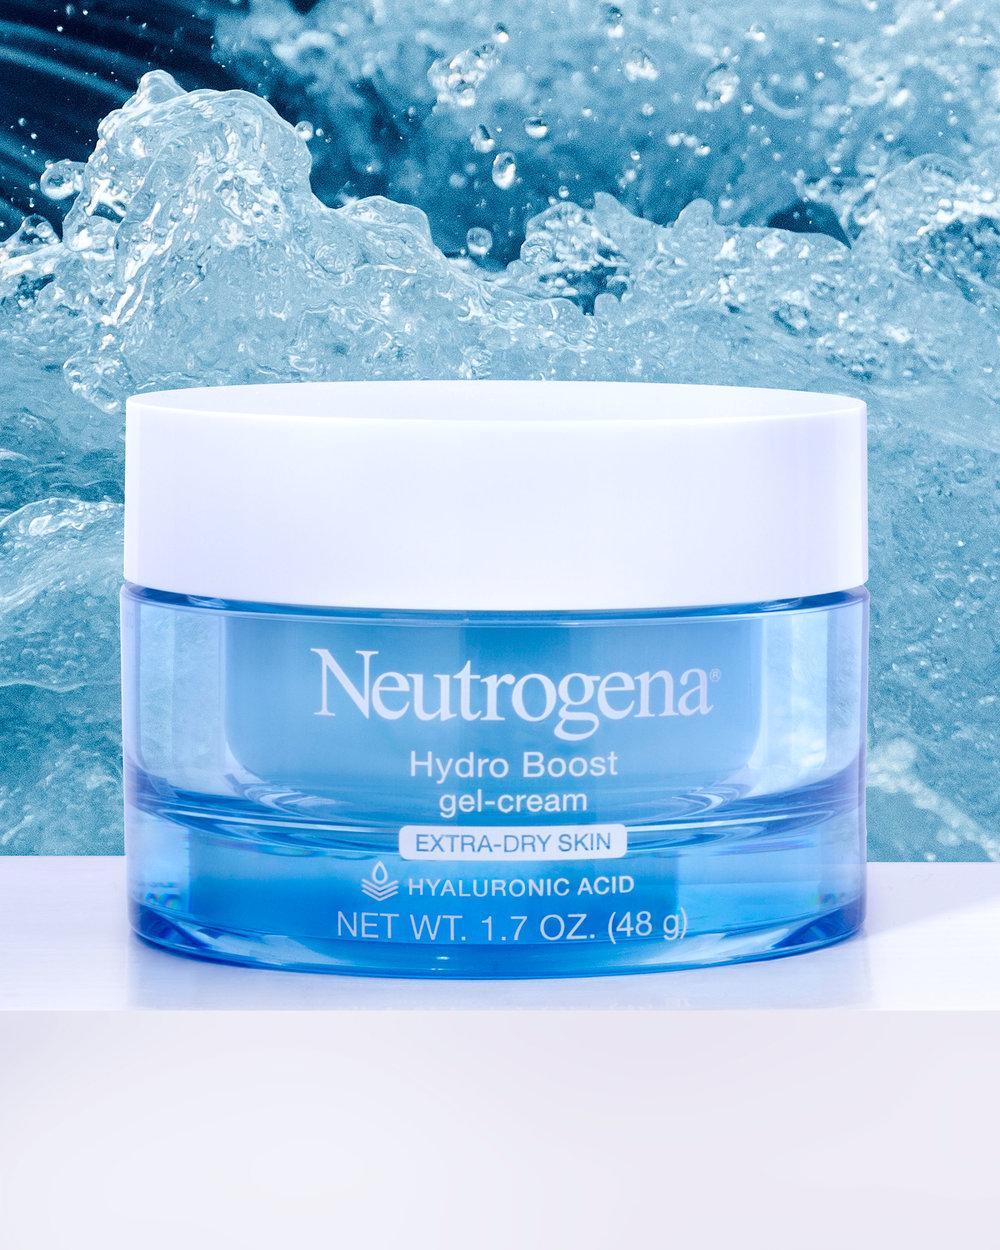 neutrogena-front-a_Web.jpg